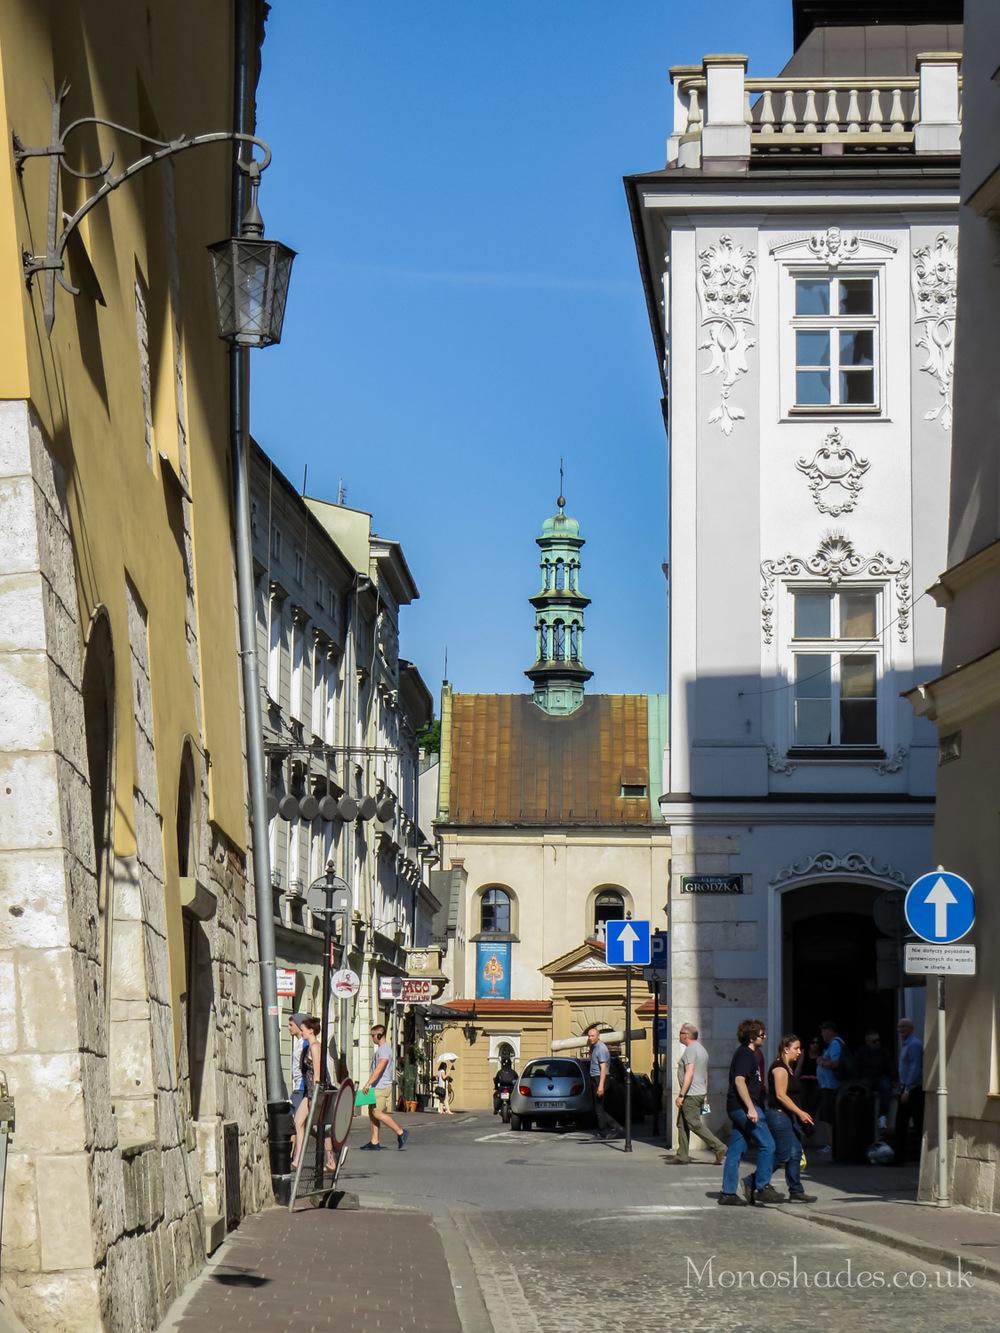 krakow_2016 (2 of 23).jpg